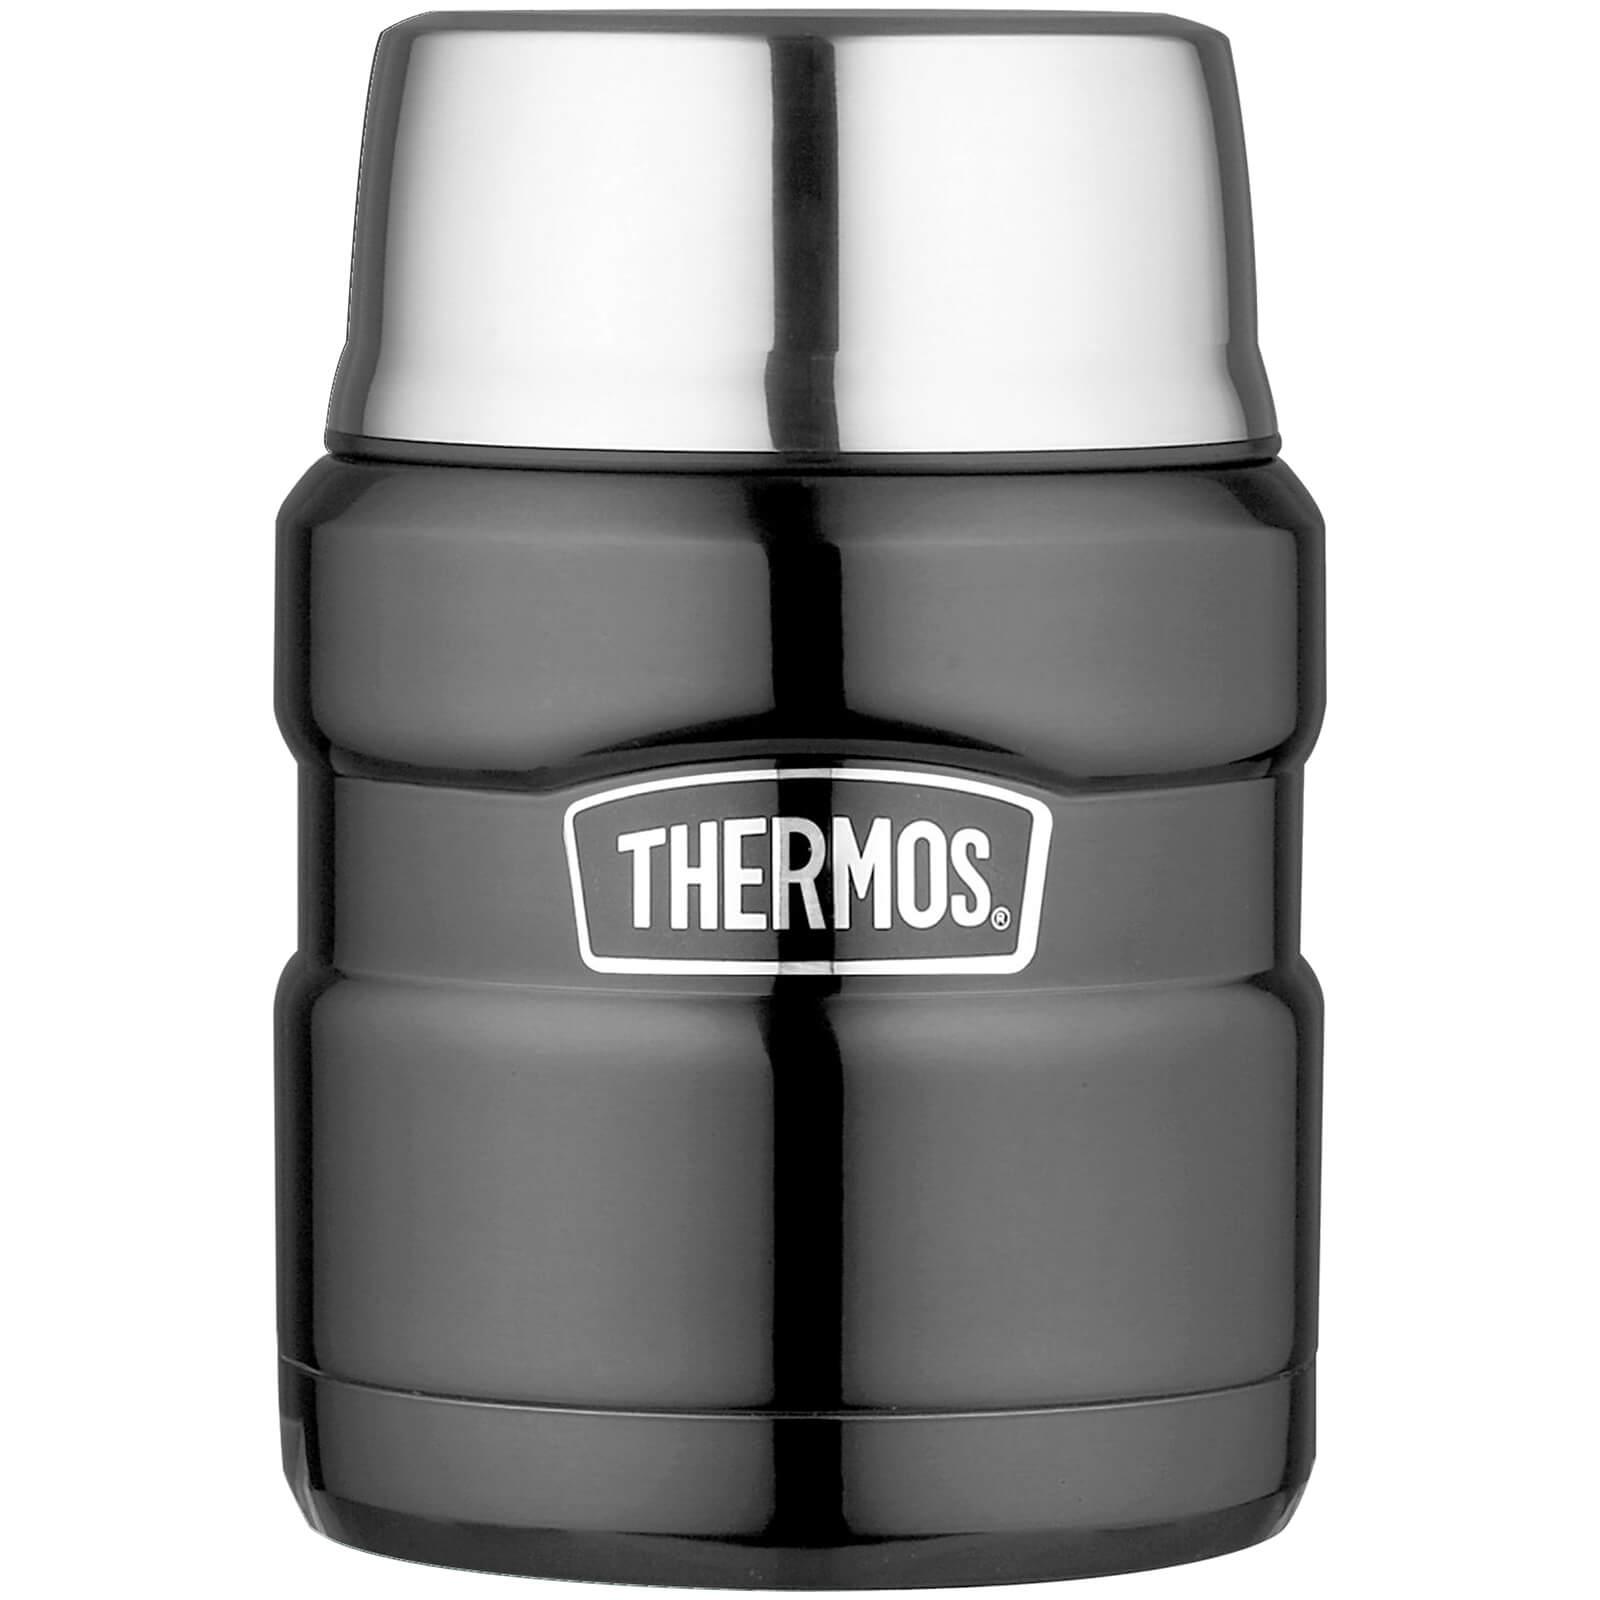 Thermos Stainless King Food Flask - Gun Metal 470ml